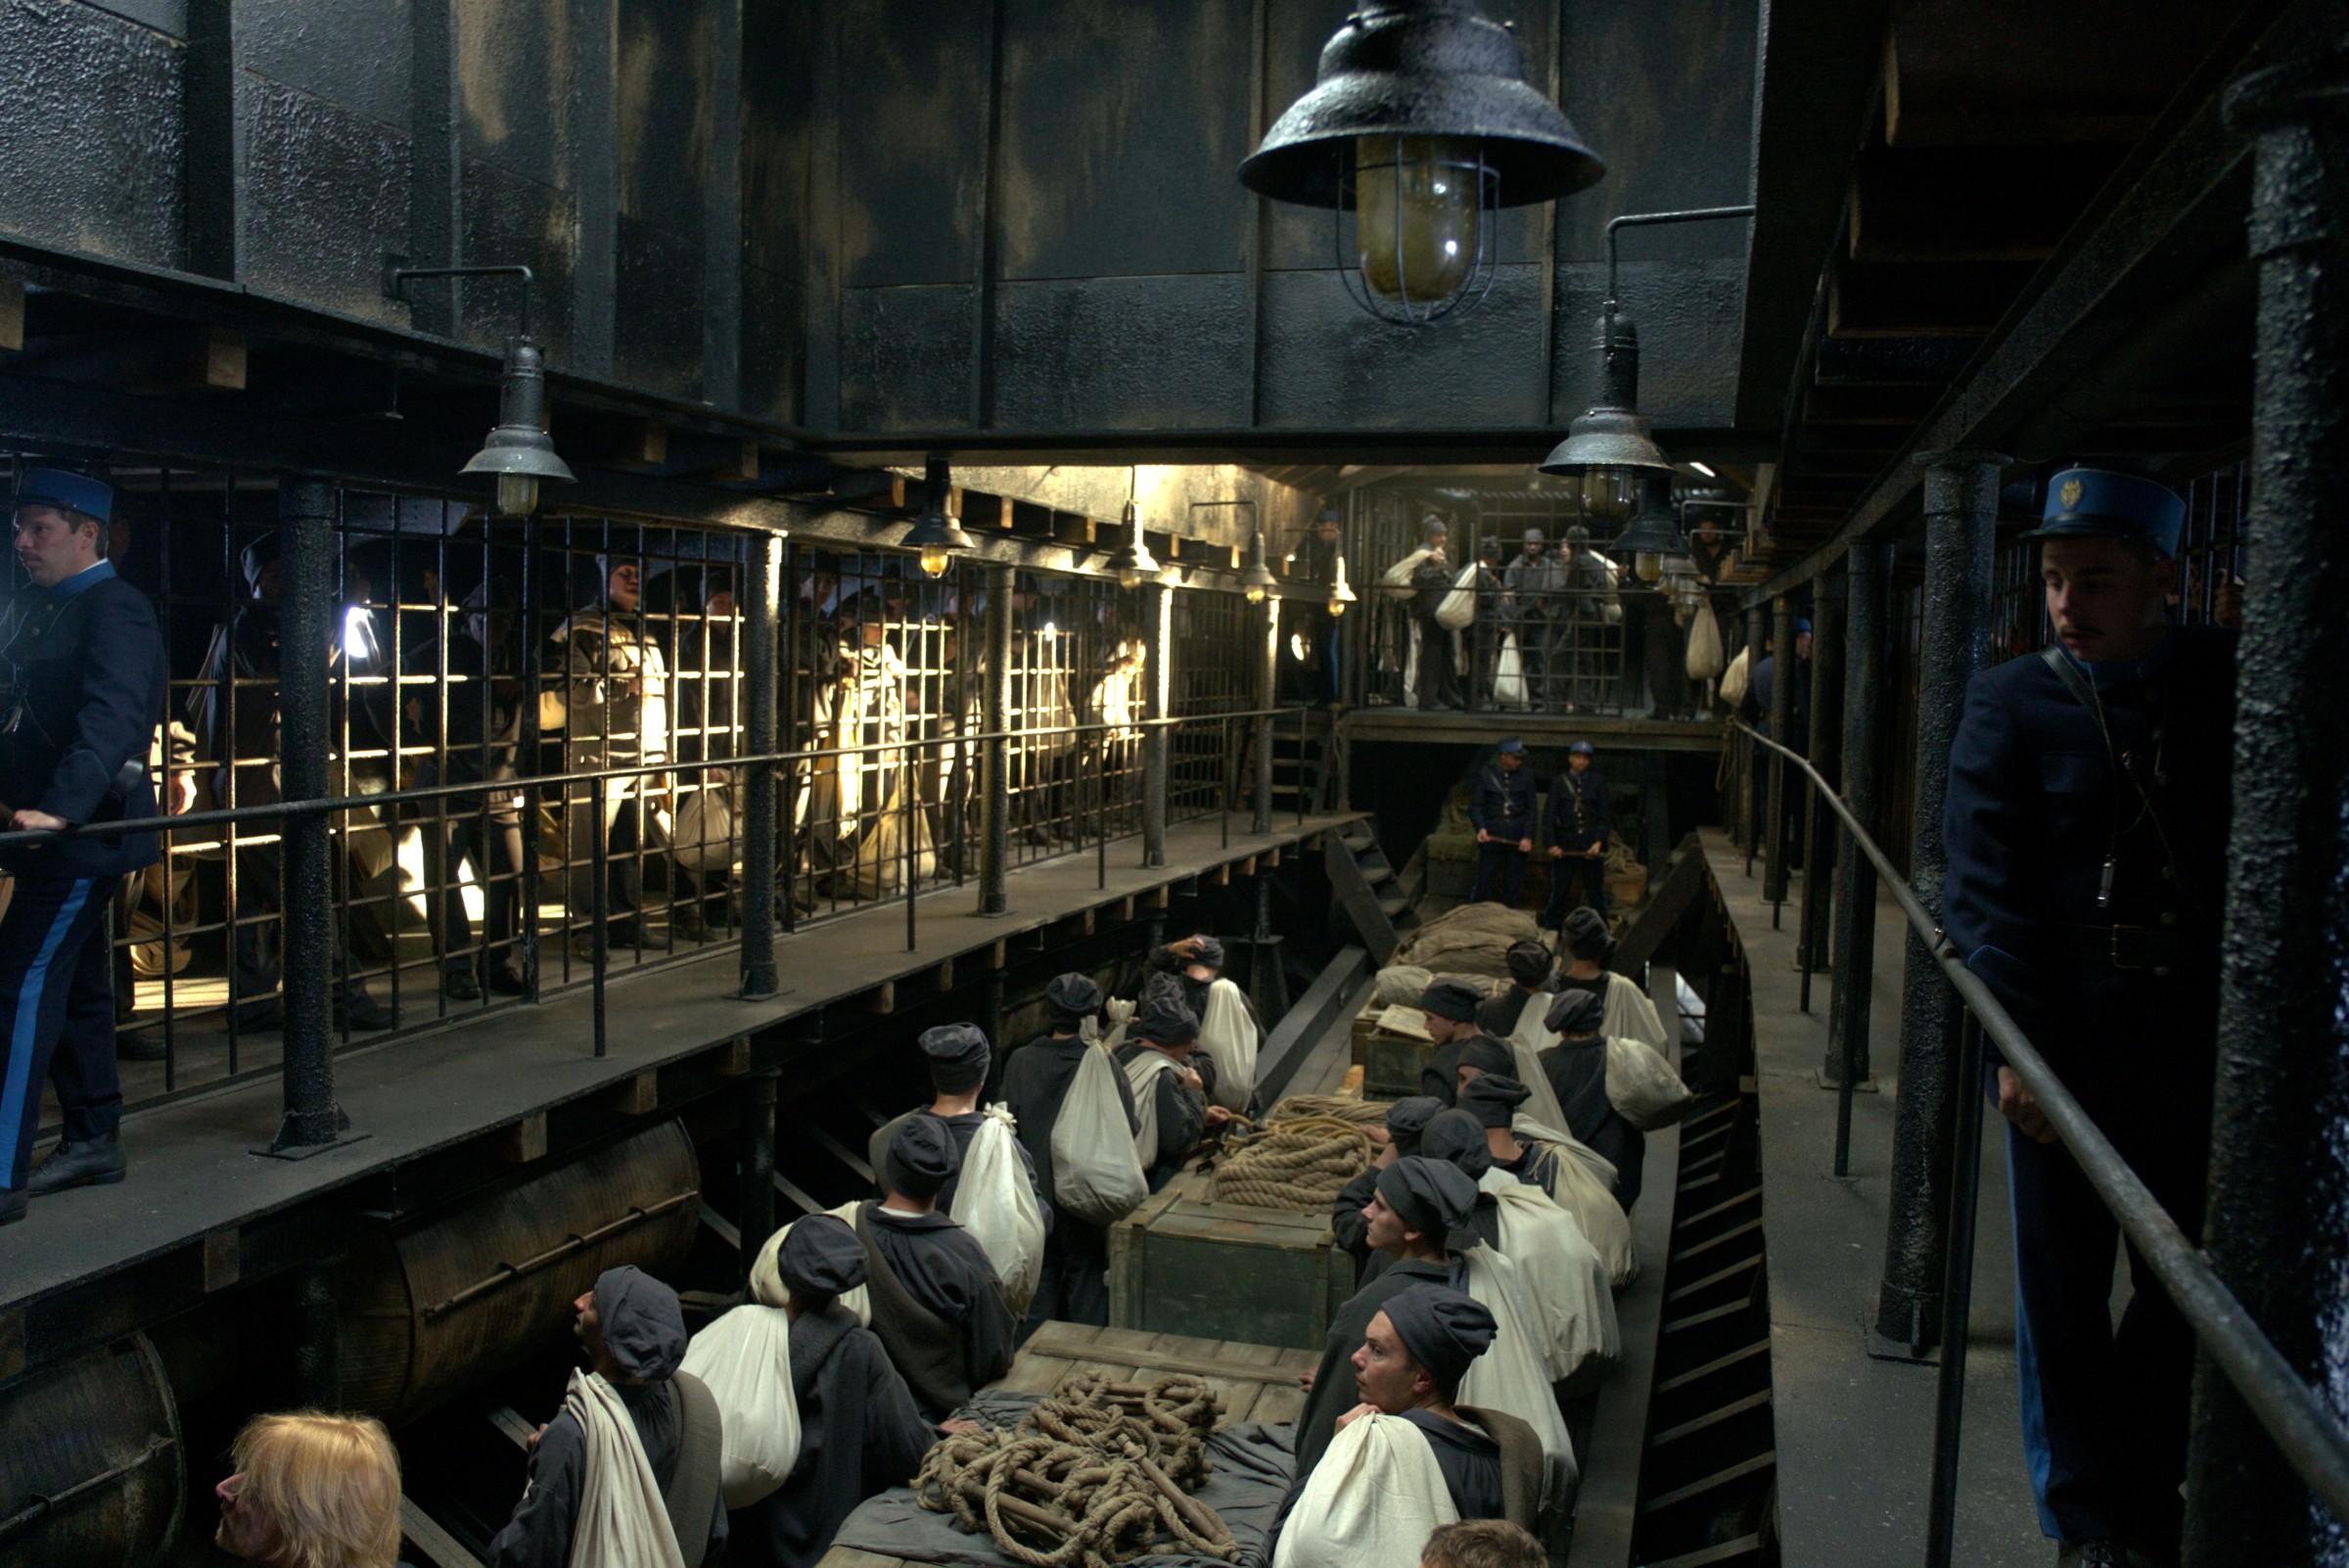 越獄電影 《 惡魔島 》逼真再現恐怖監獄場景。